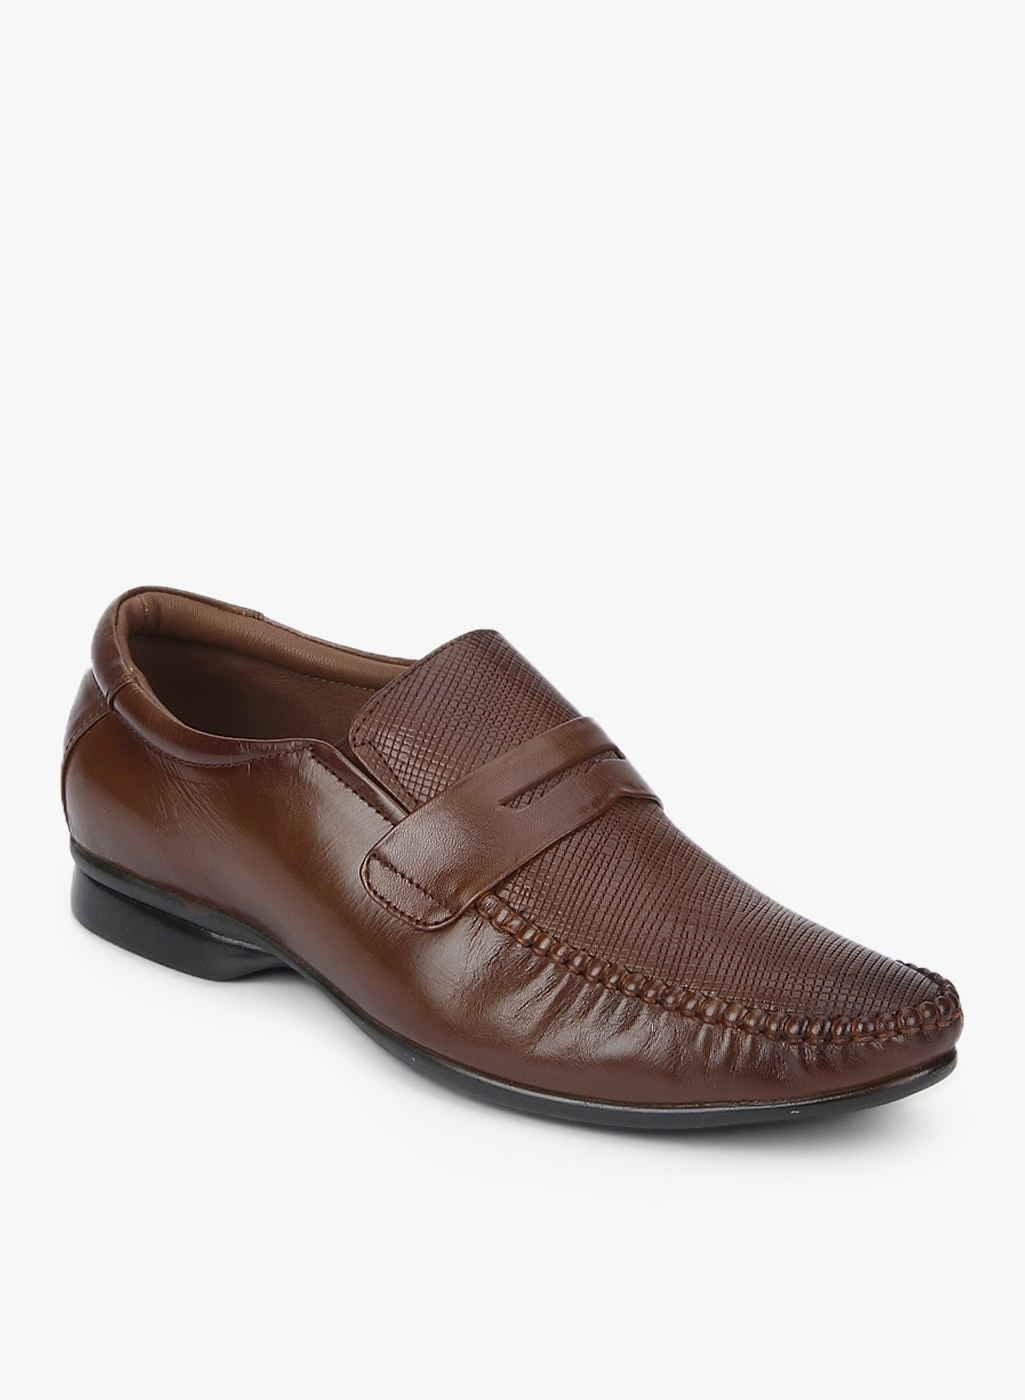 Formal Shoes For Men Buy Mens Formal Shoes Online Myntra